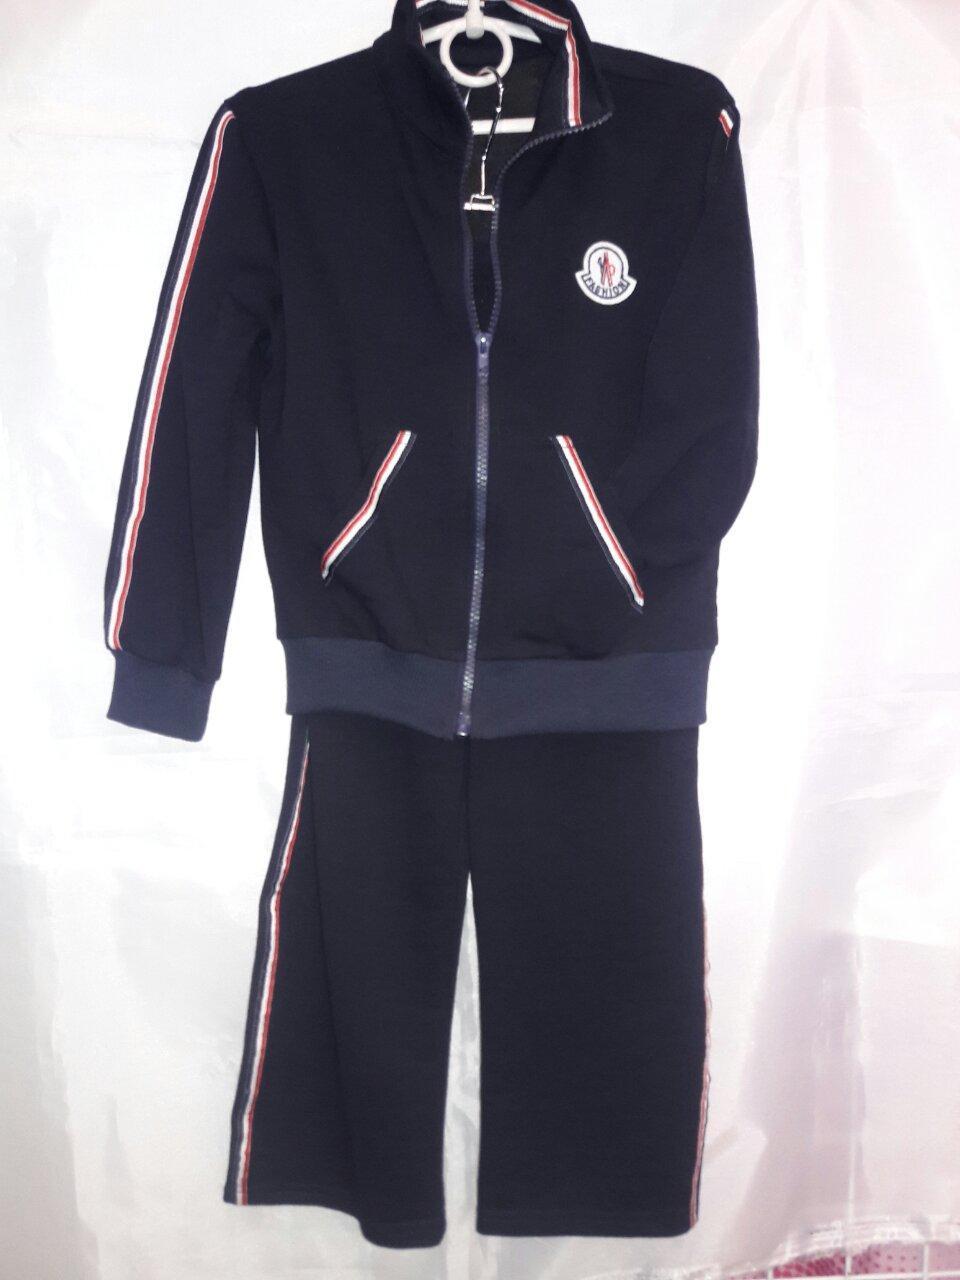 Детский подростковый спортивный костюм Fashion 116-140 - Территория низких цен в Запорожье